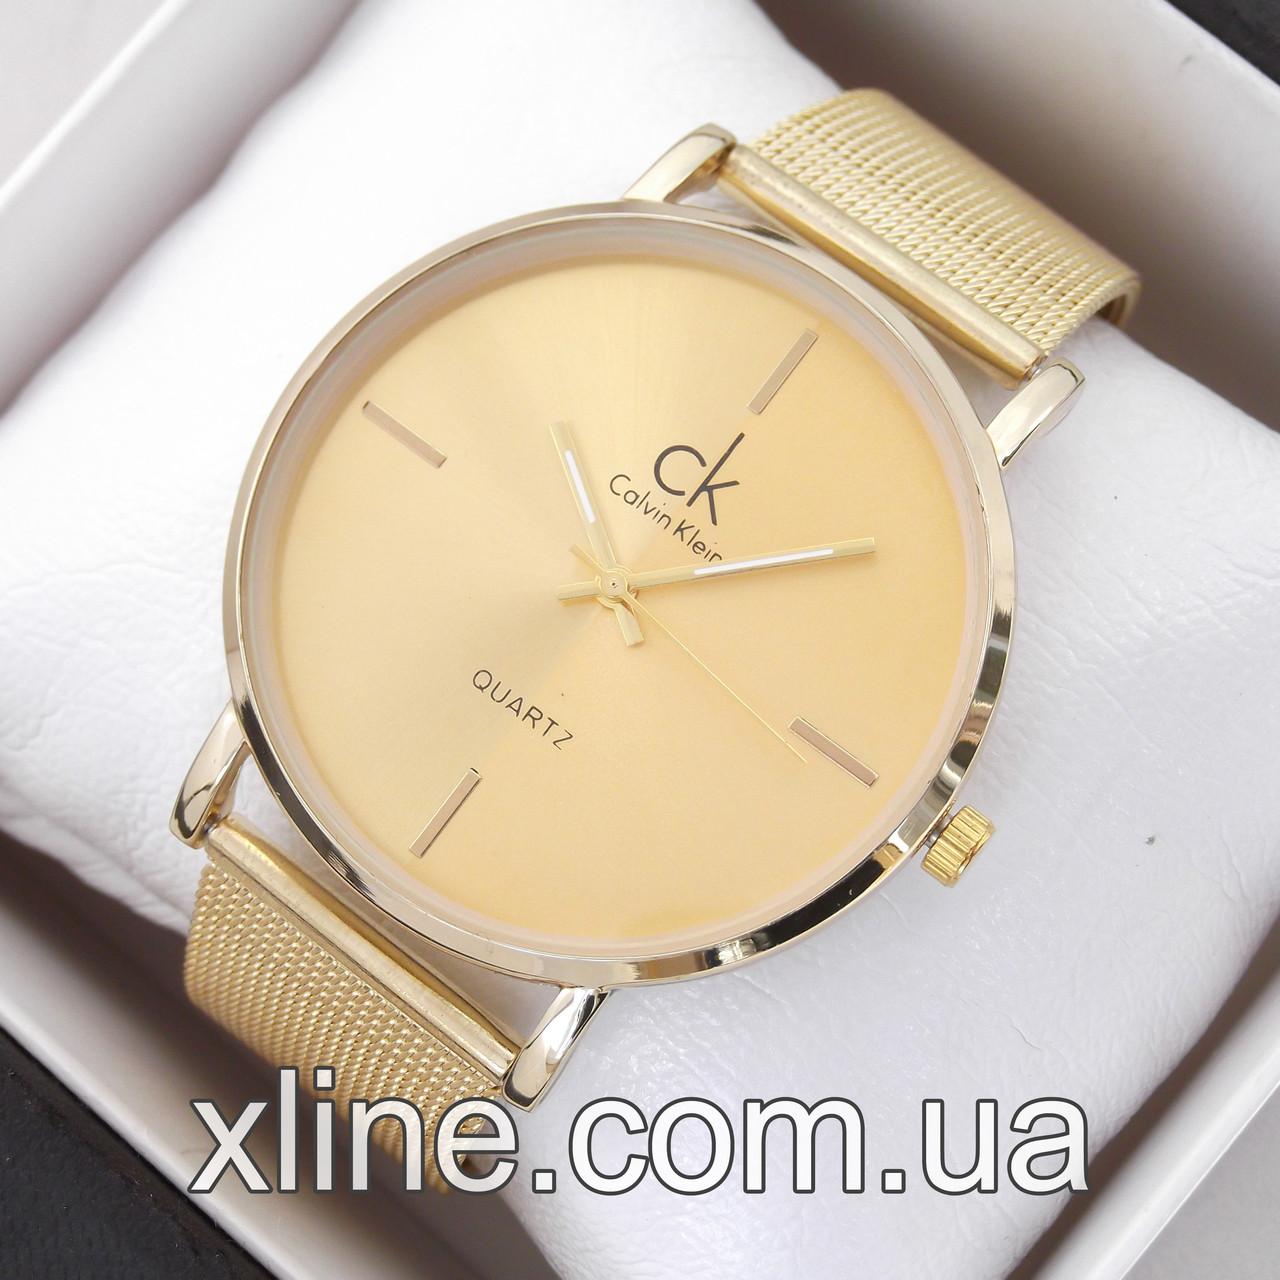 Женские наручные часы Calvin Klein M172 на металлическом браслете